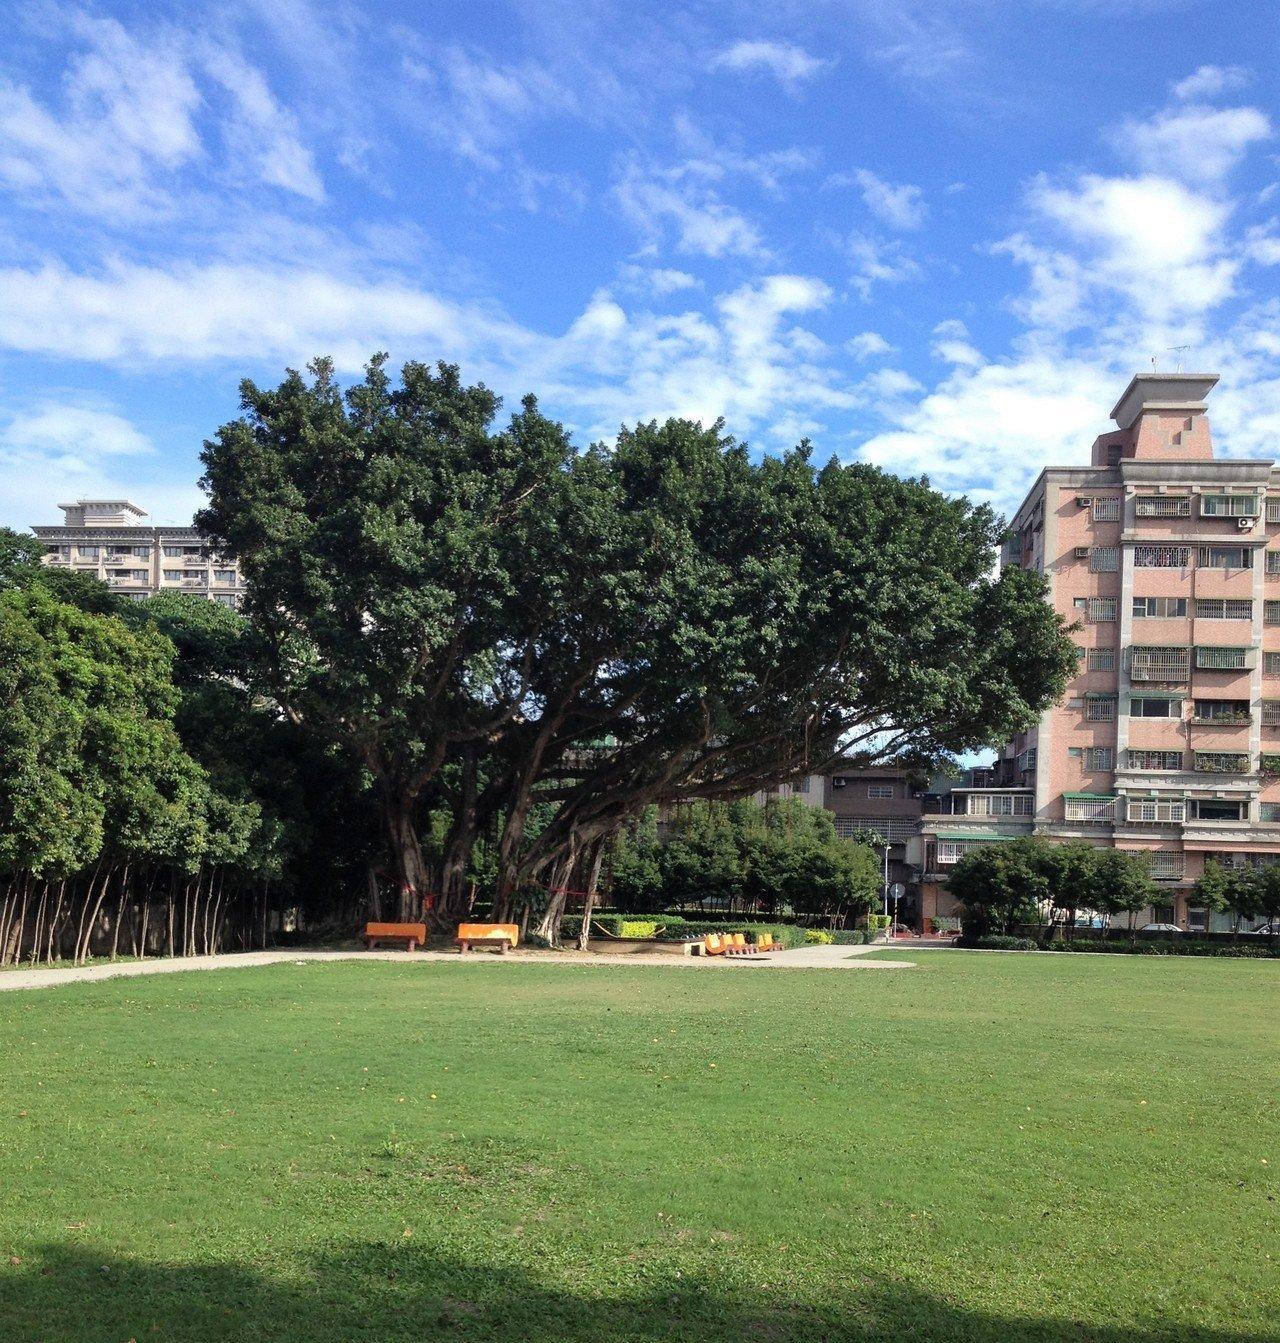 融合建築與老樹 樹林藝文大樓創造都市綠帶新地標